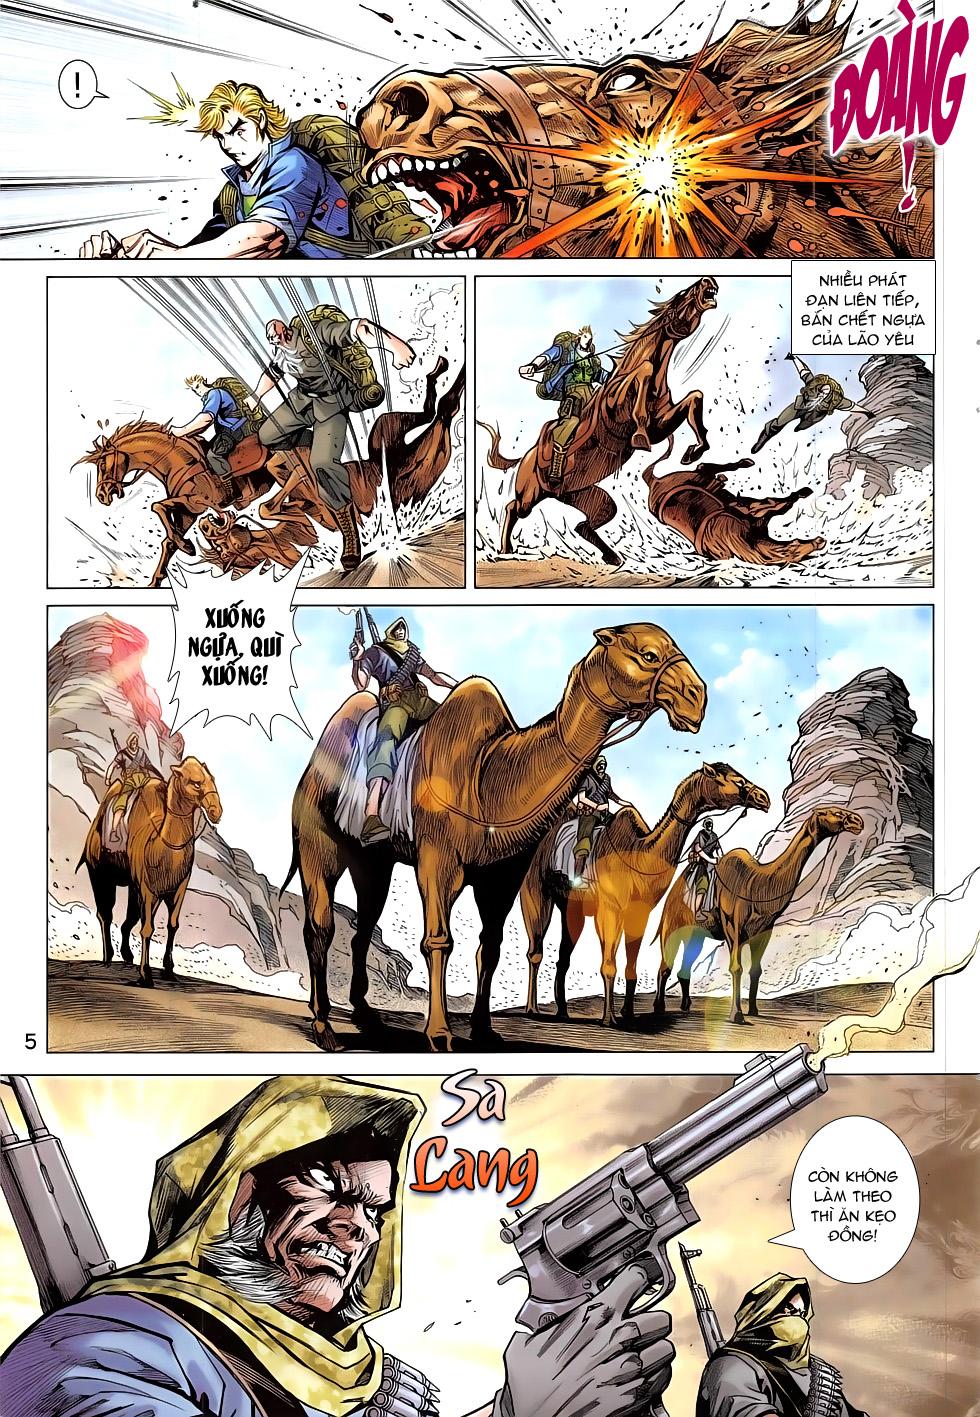 Tân Tác Long Hổ Môn chap 793 Trang 5 - Mangak.info